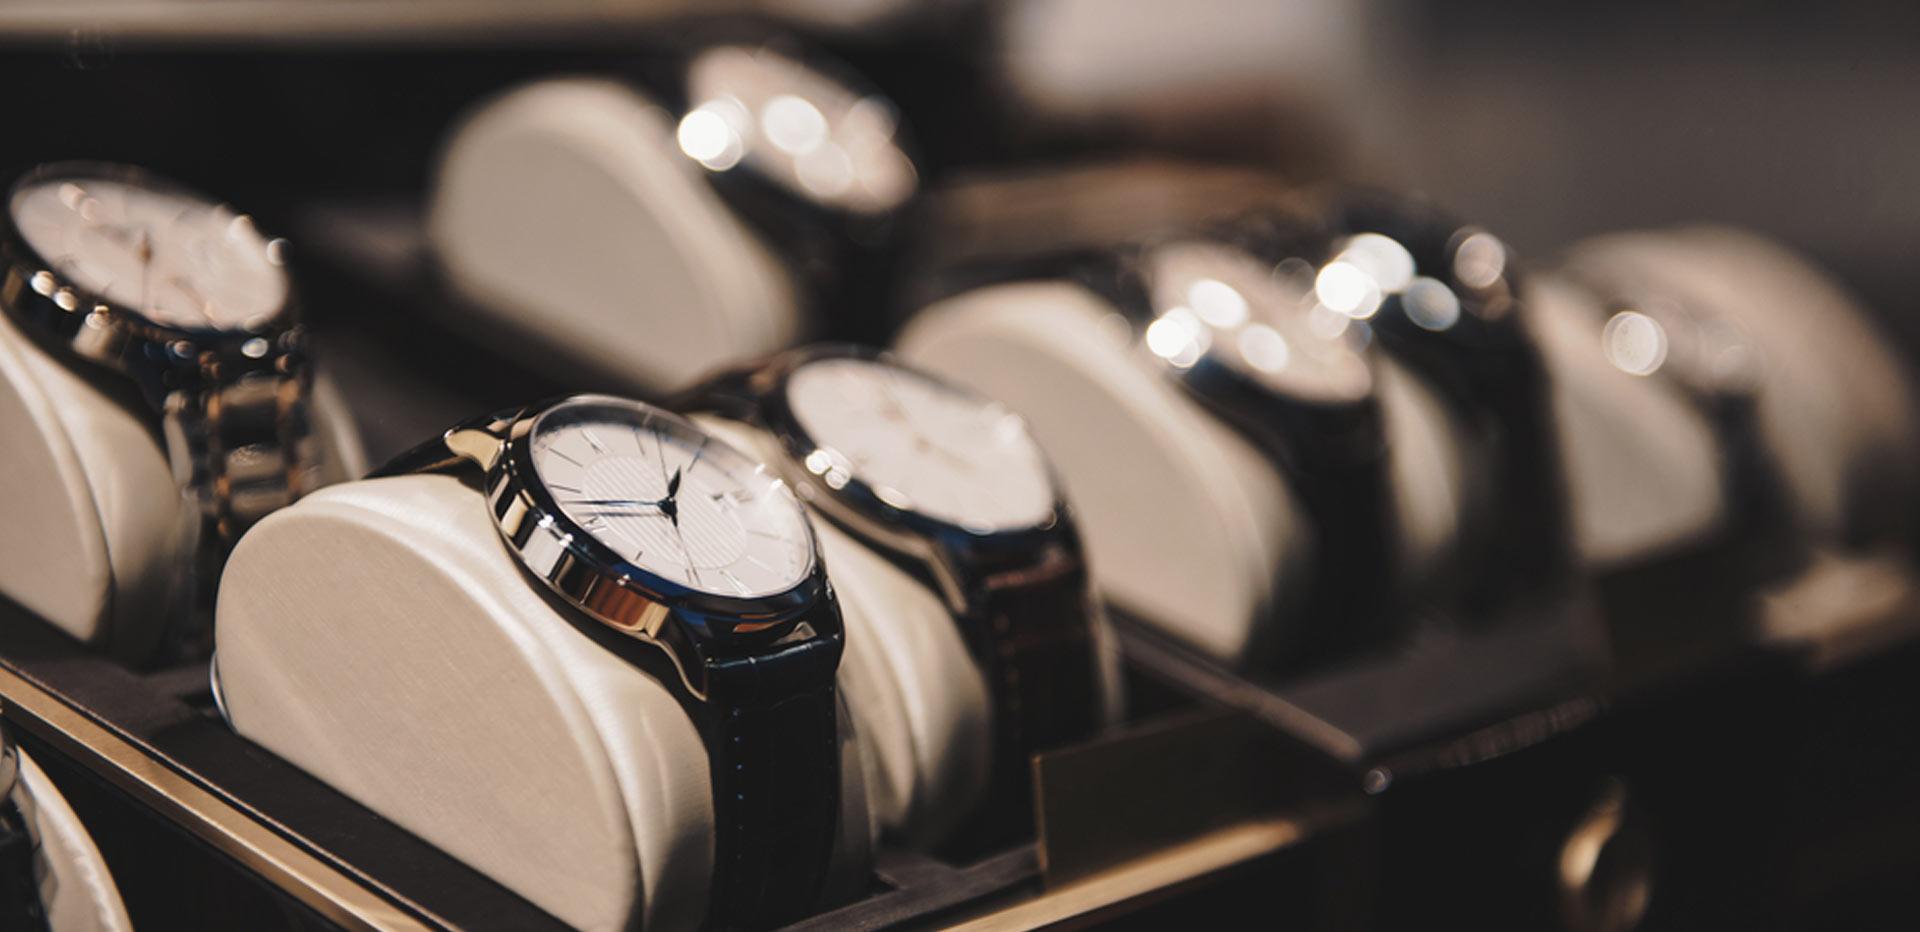 Vente ou achat<br/>de montres